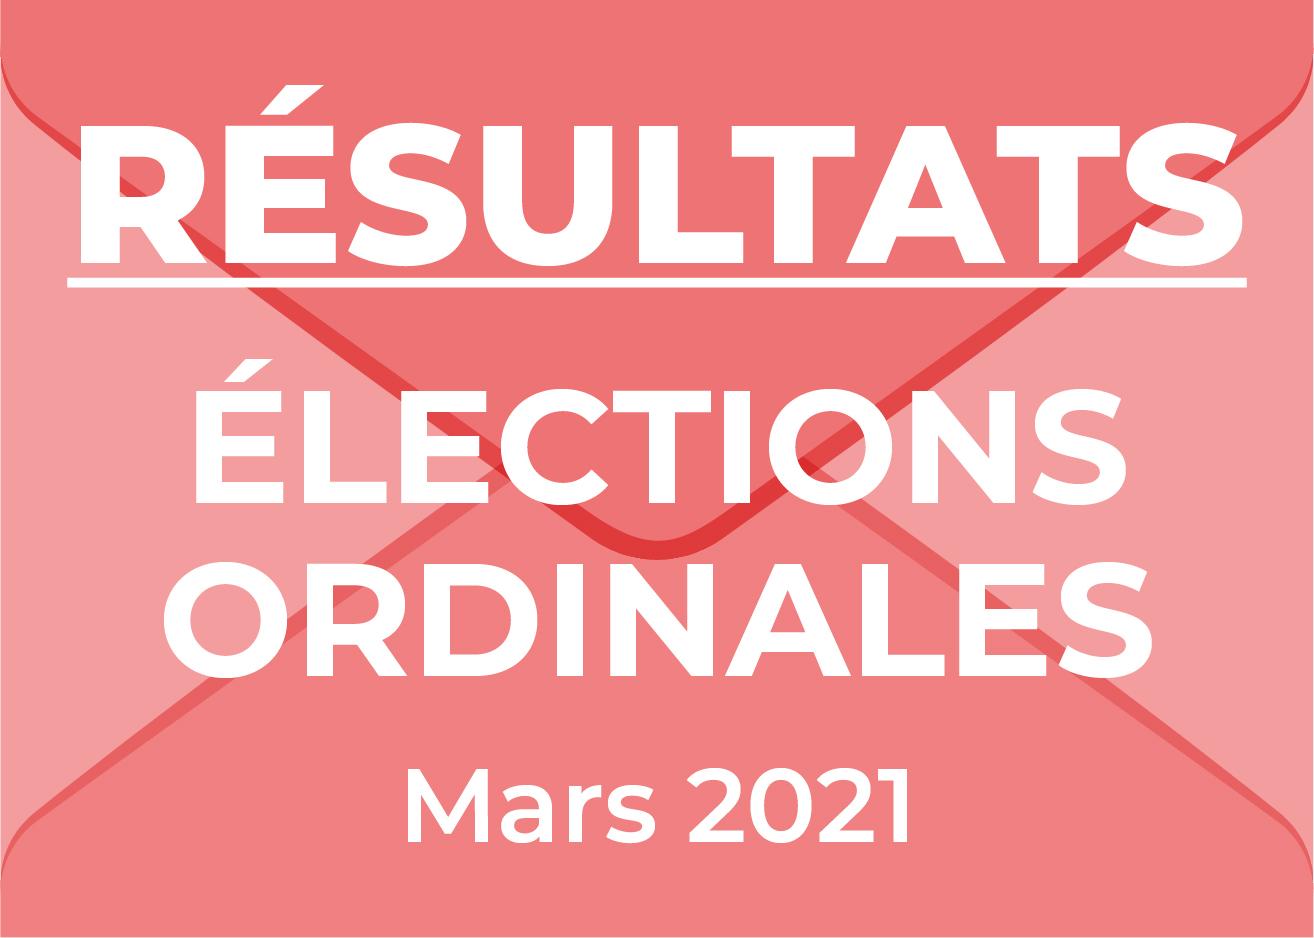 Résultats Elections Ordinales